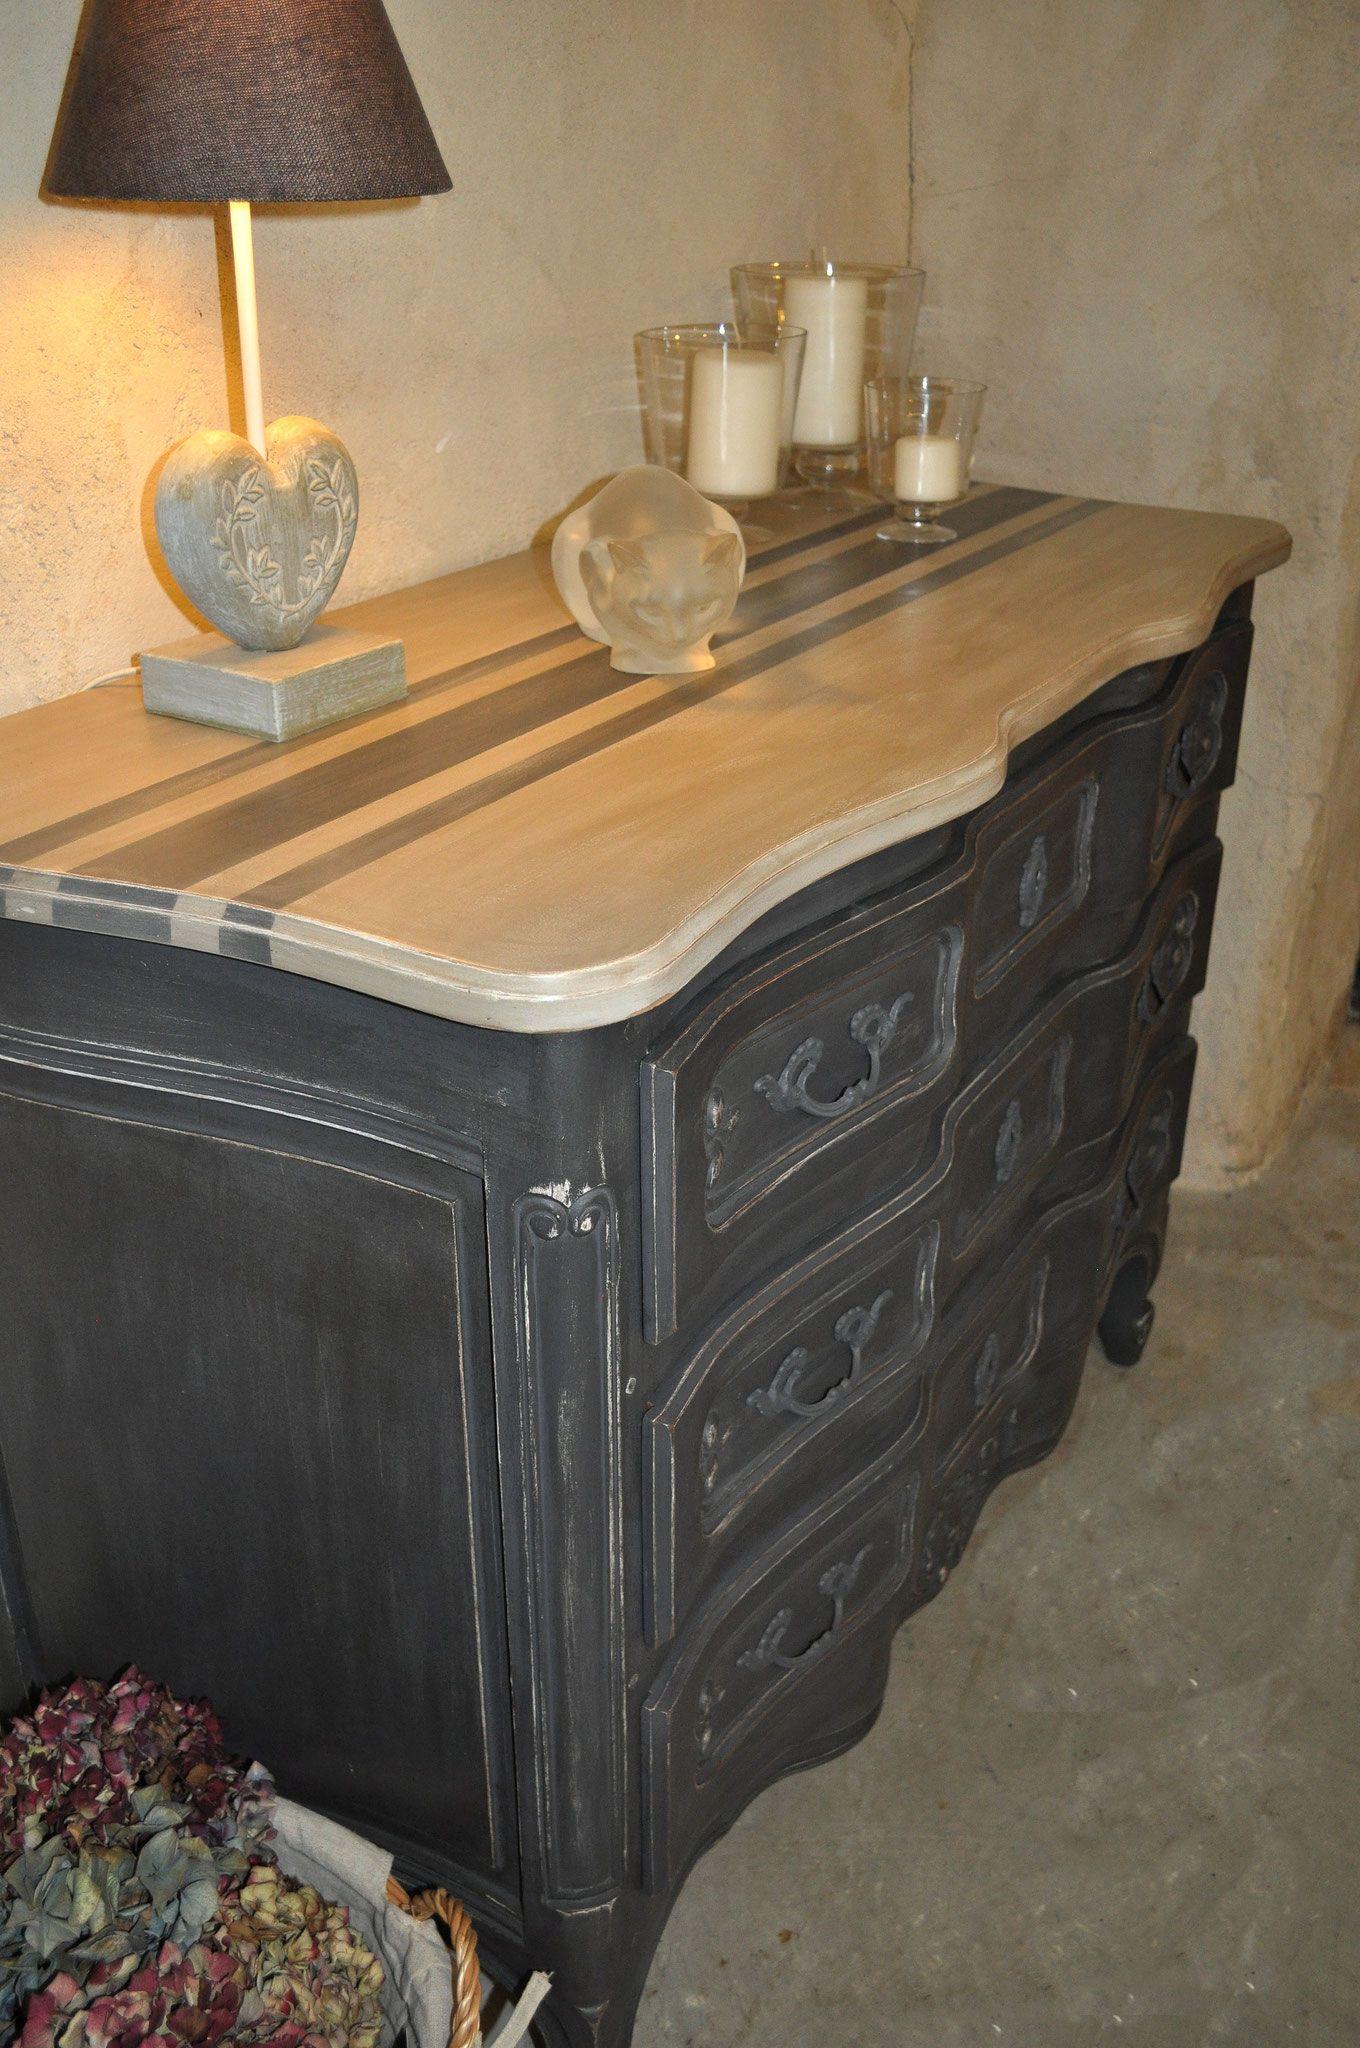 commode a arbalete en merisier massif de style louis xv patin e par les patines de m lusine. Black Bedroom Furniture Sets. Home Design Ideas